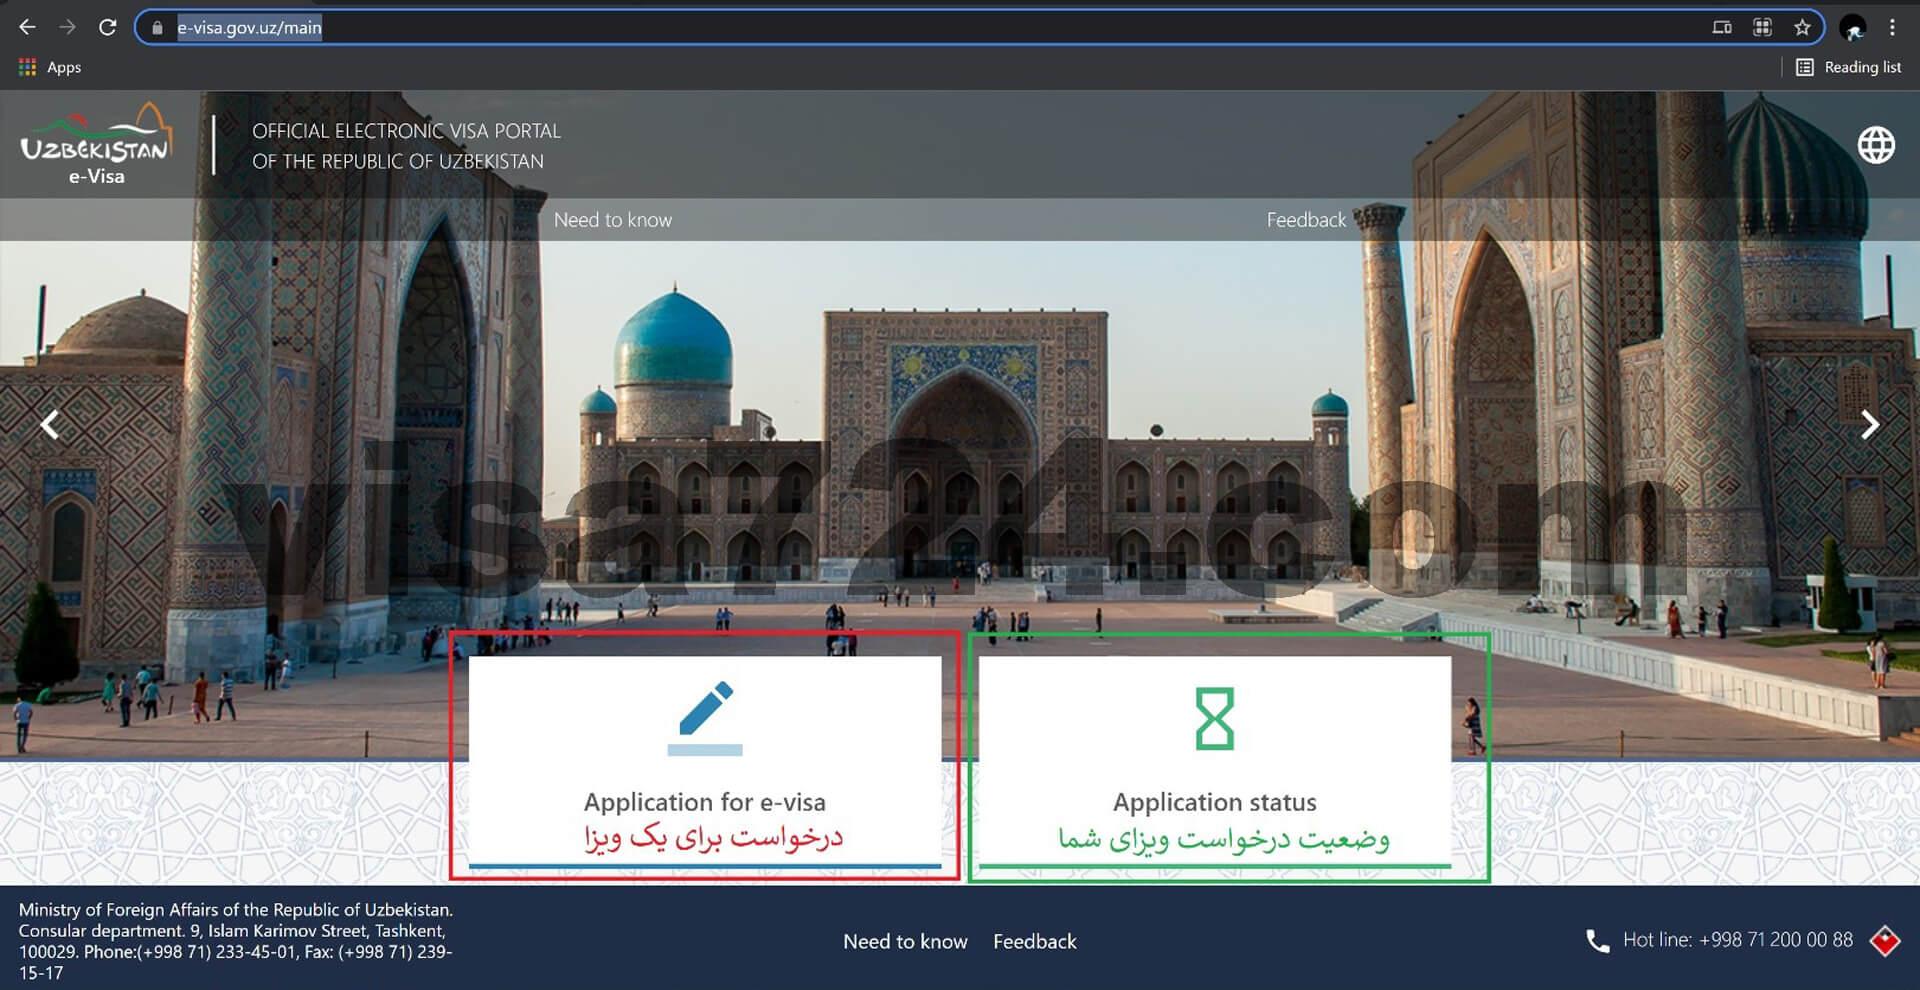 آموزش دریافت ویزای توریستی ازبکستان